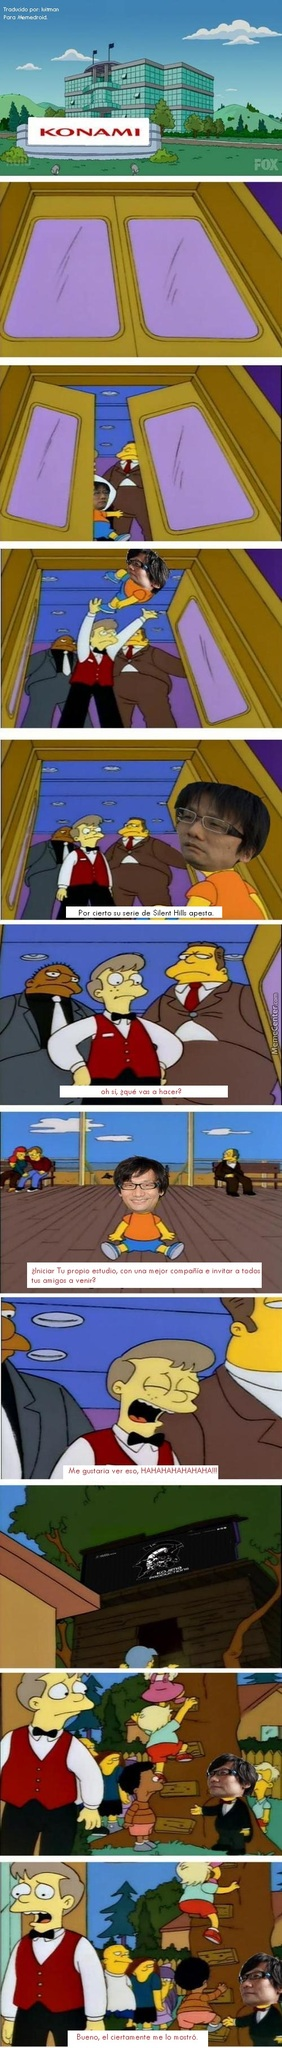 Kojima el p*** amo! - meme